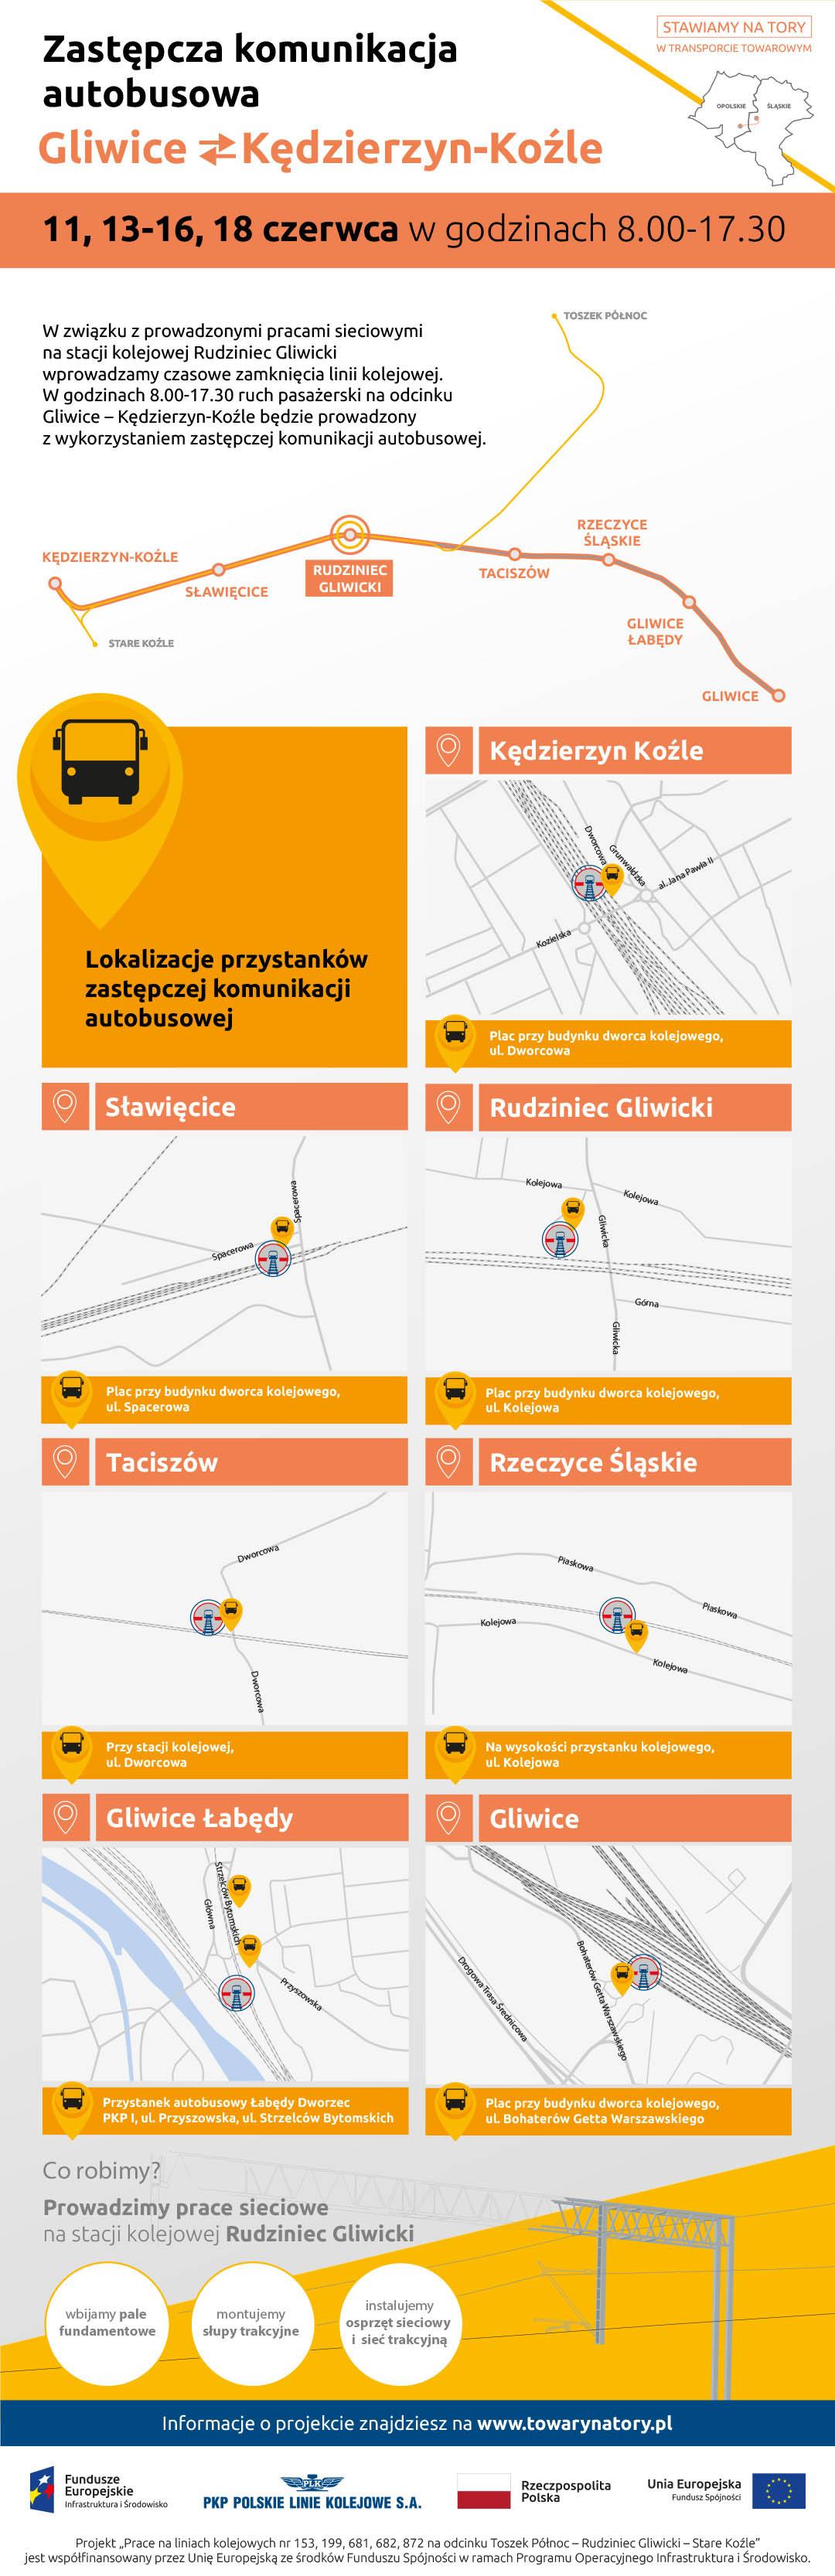 Infografika mówiąca o zastępczej komunikacji autobusowej w czerwcu 2019 roku. Dotyczącej miejscowości Kędzierzyn Koźle, Sławęcice, Rudziniec Gliwicki, Taciszów, Rzeczyce Śląskie, Gliwice Łabędy, Gliwice.